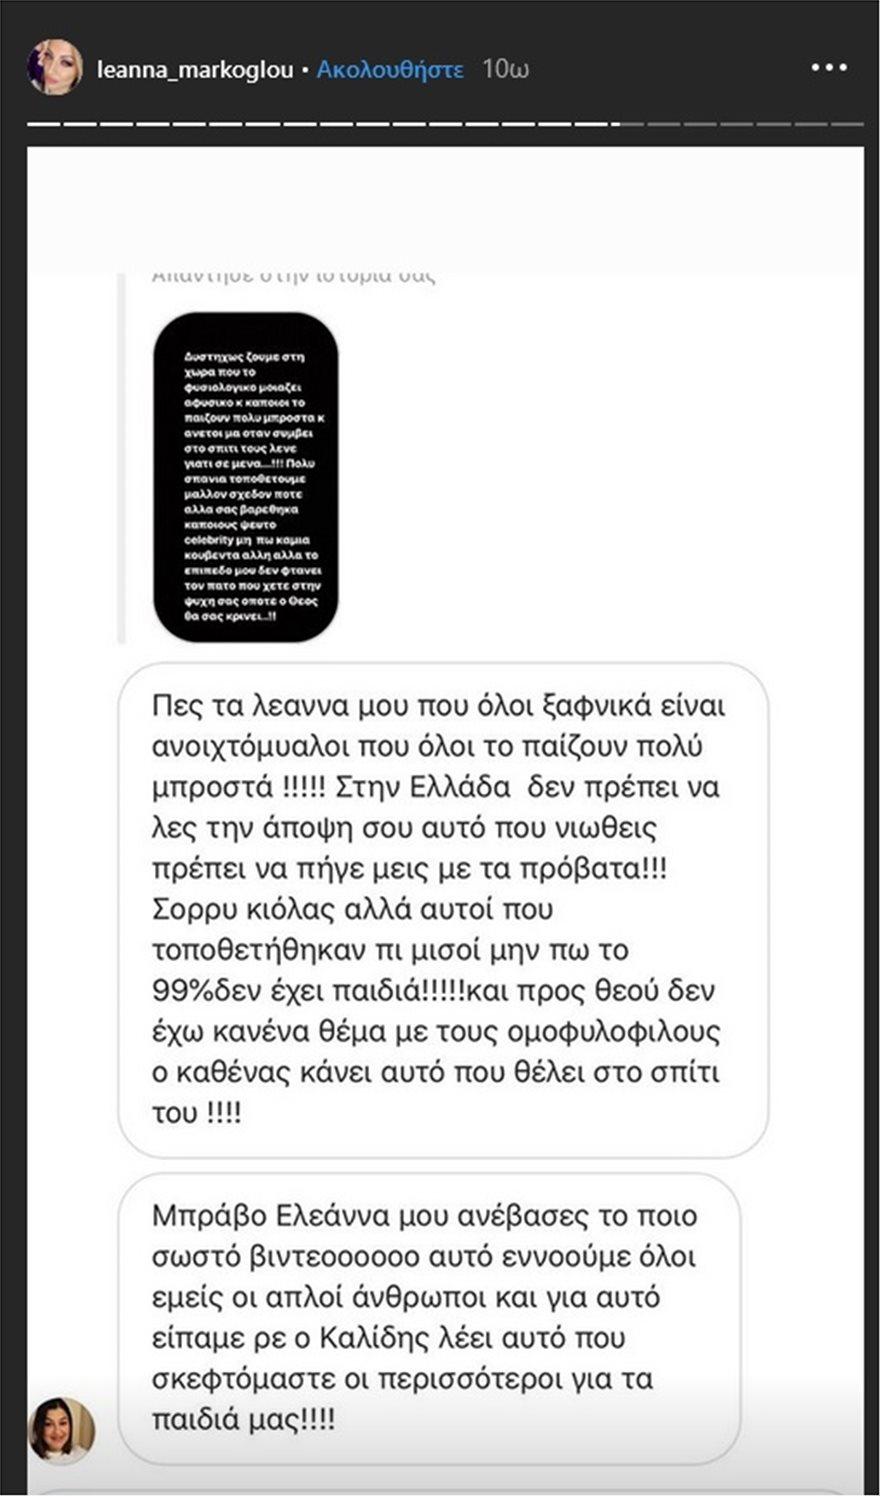 Leanna_Markoglou6